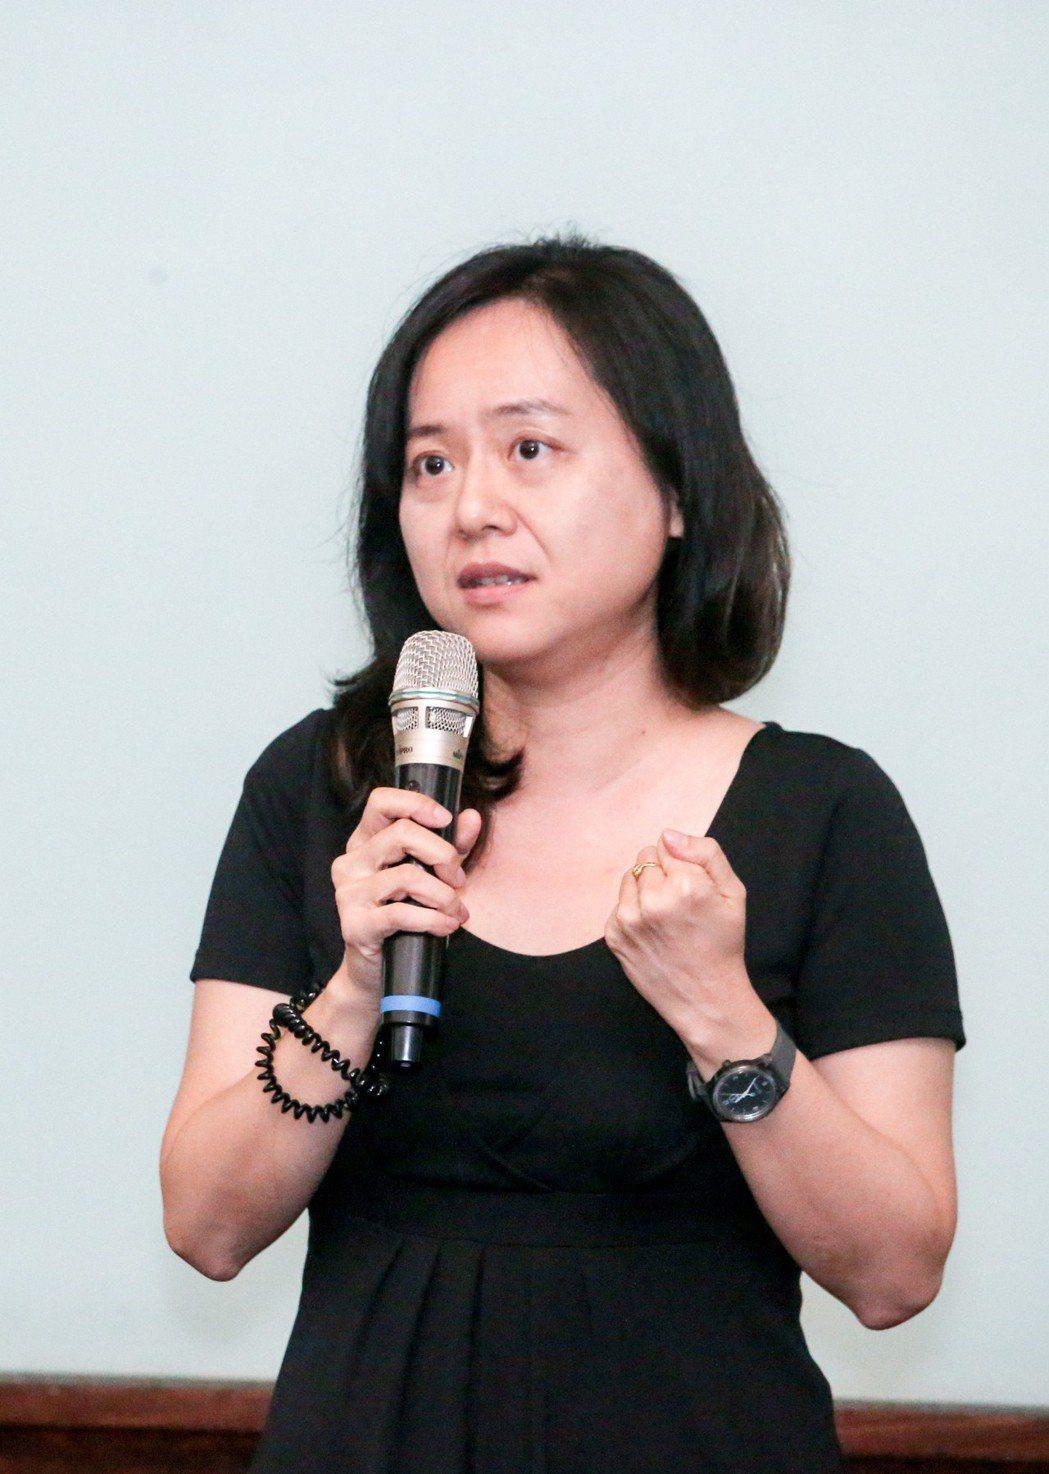 樂施會臺灣計畫經理張心蕙今天發表演講。記者鄭清元/攝影